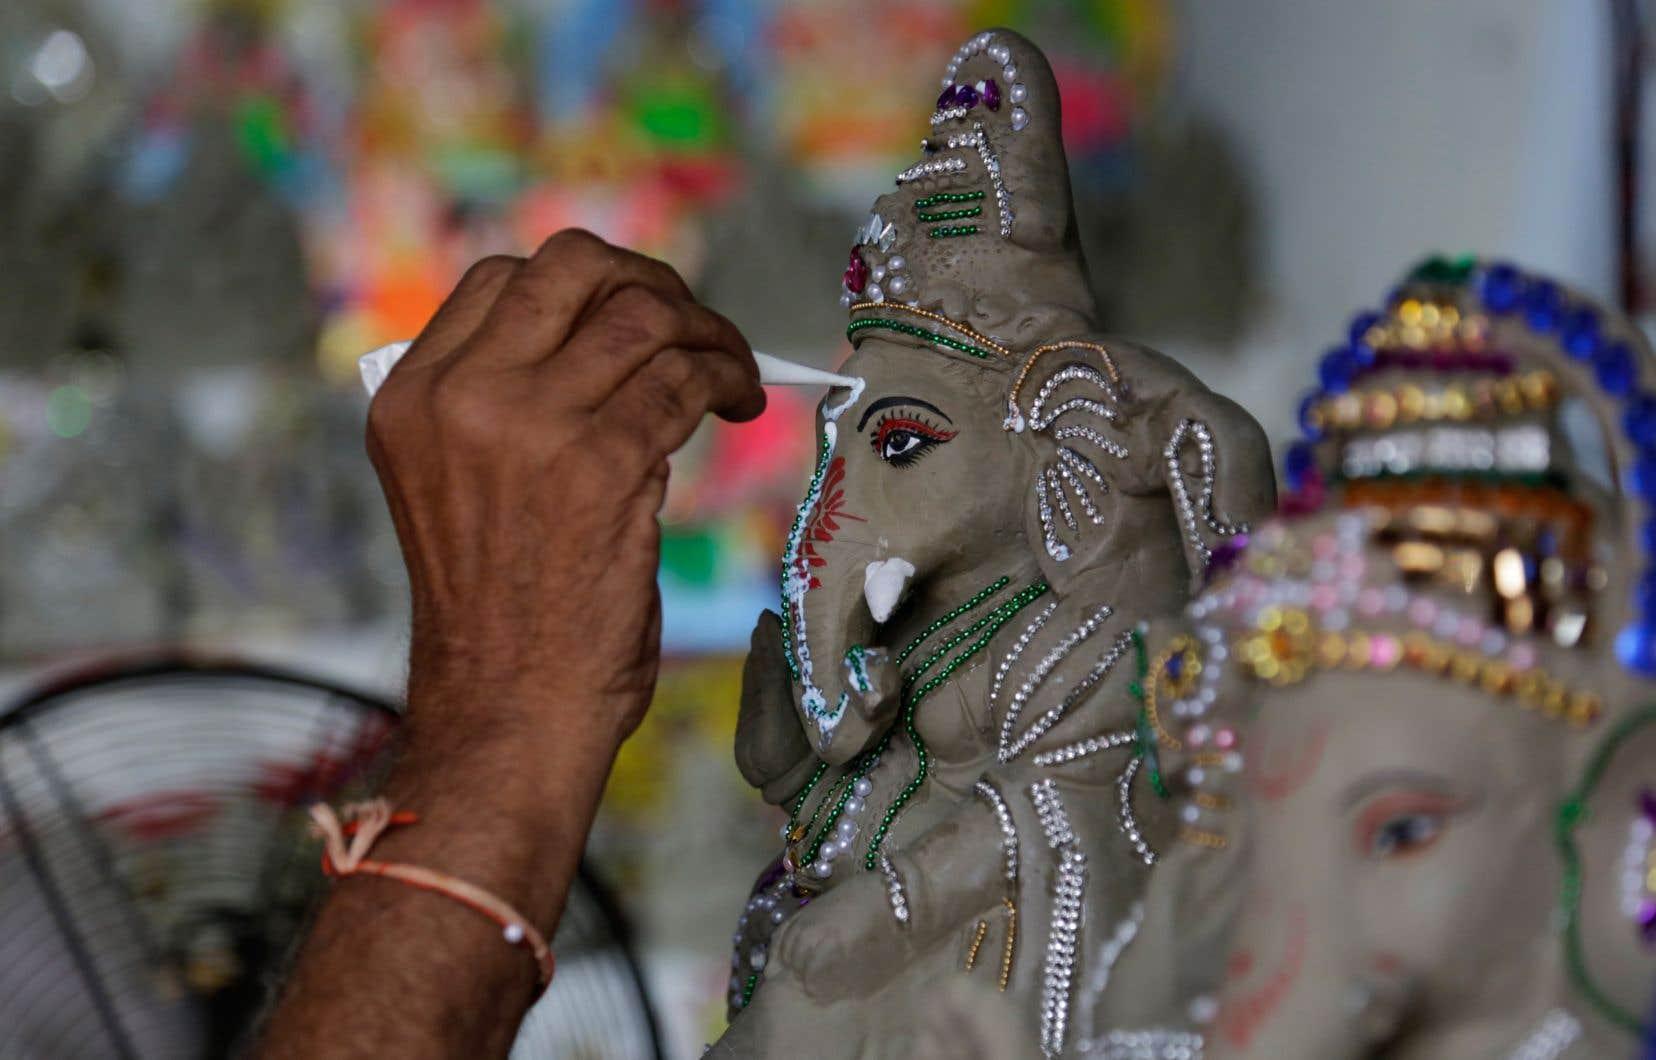 La femme accusée d'avoir insulté un symbole religieux a jeté à terre des statues de la divinité hindoue Ganesh.